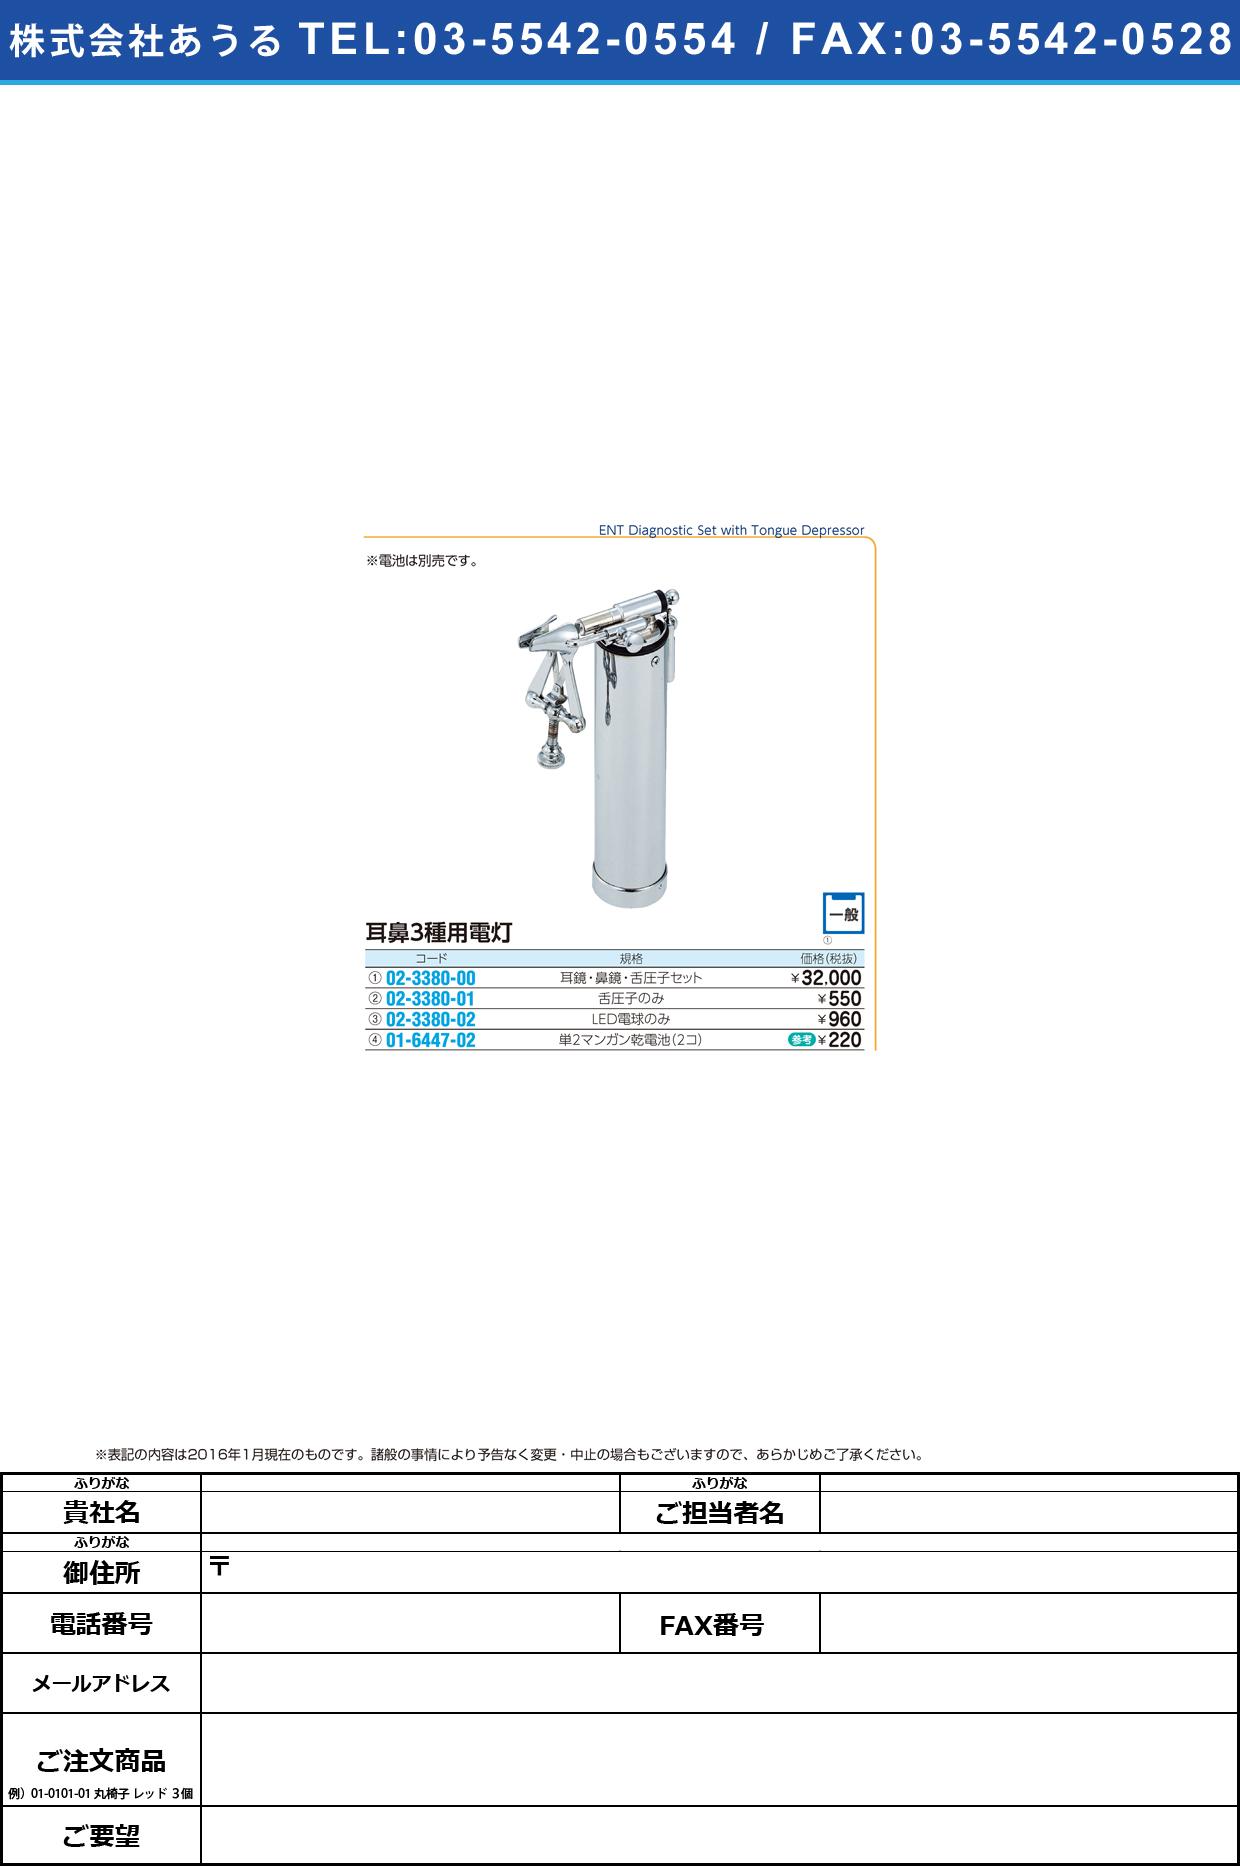 耳鼻3種用電灯用LED電球   ジビ3シュヨウLEDデンキュウ【1個単位】(02-3380-02)